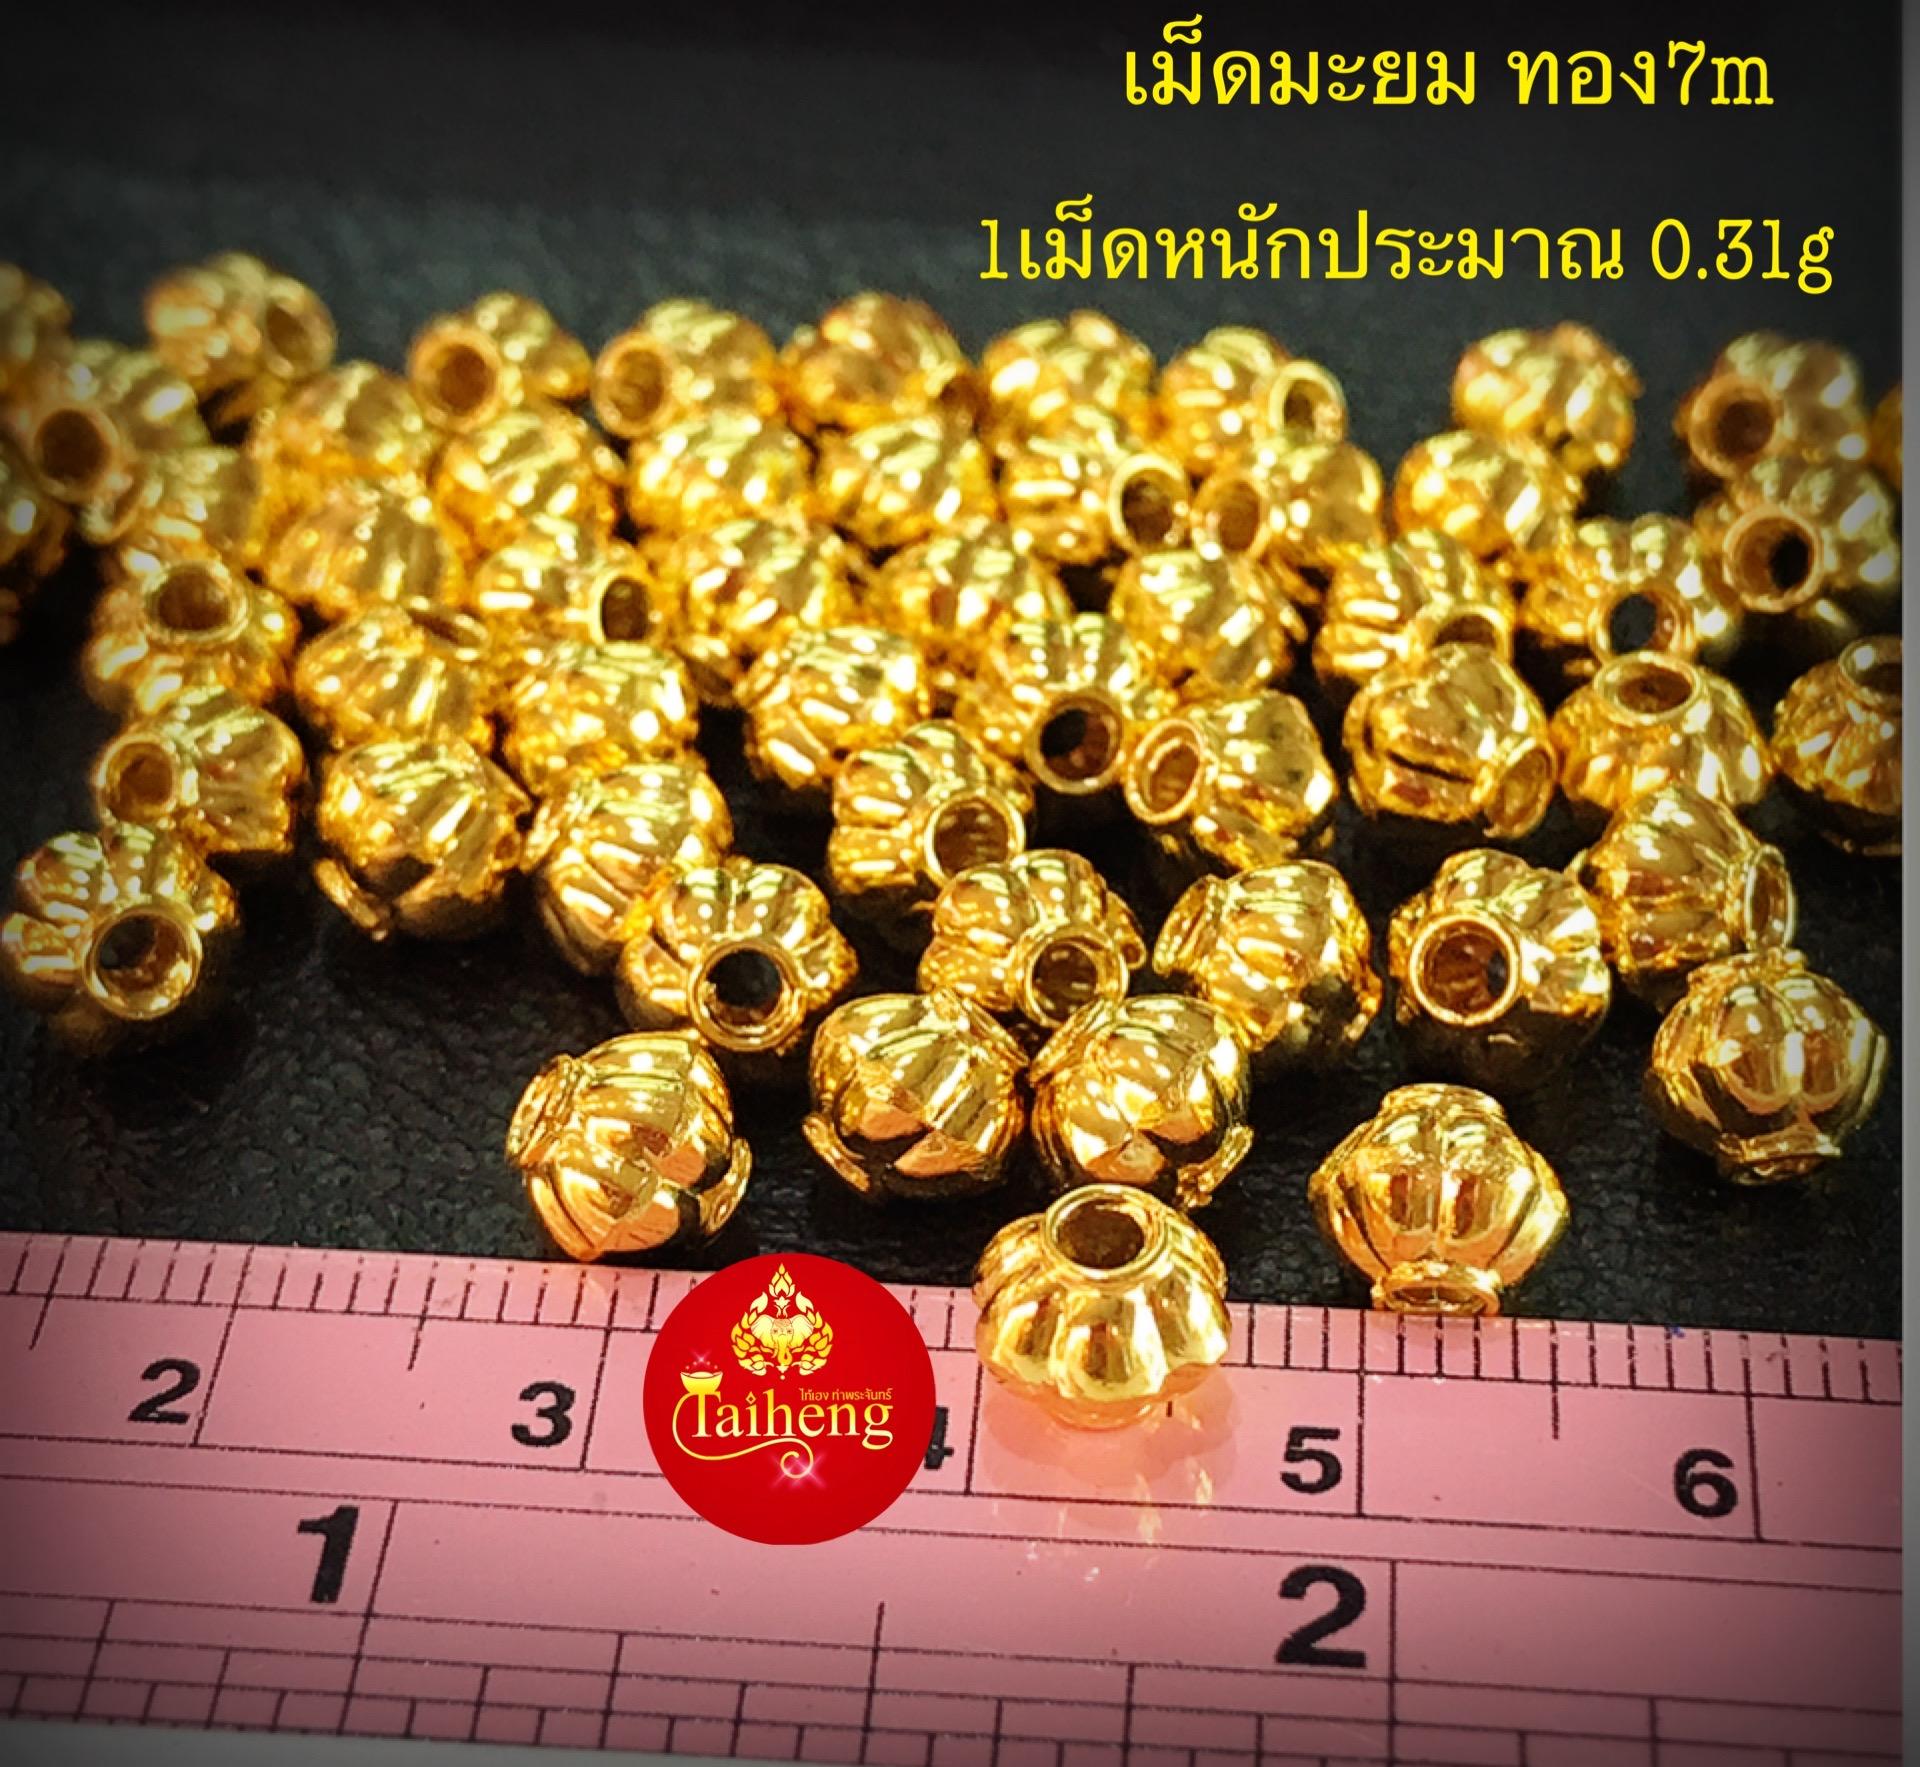 เม็ดทอง ทรงมะยมขนาด7มิน ใช้แต่งสร้อย คอรึมือทำได้